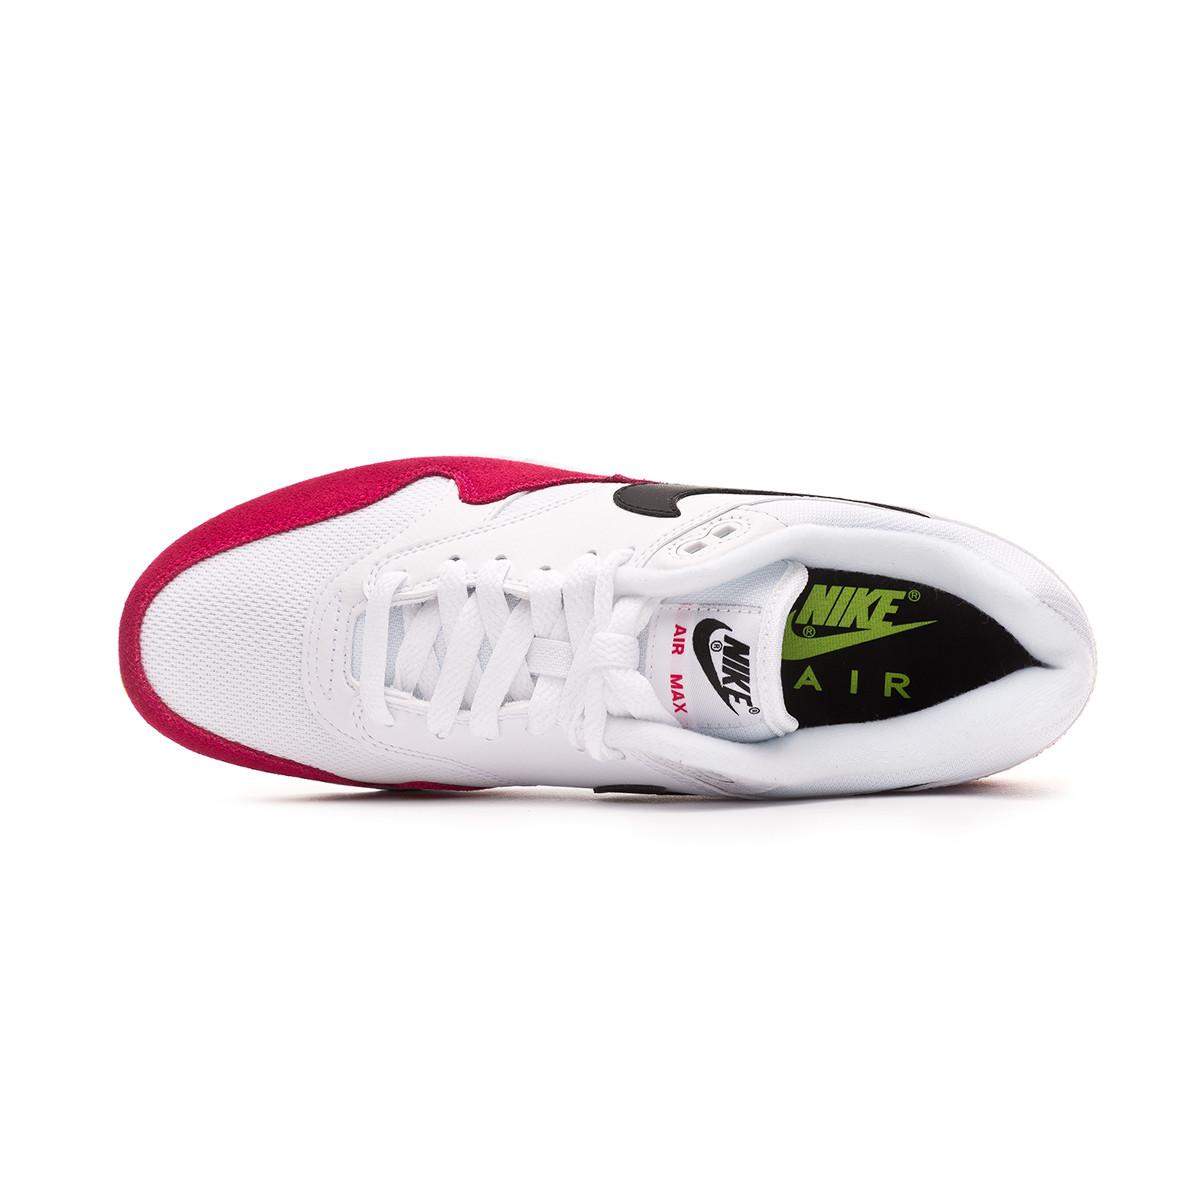 pas cher pour réduction 90a63 fef8e Zapatilla Air Max 1 White-Black-Volt-Rush pink